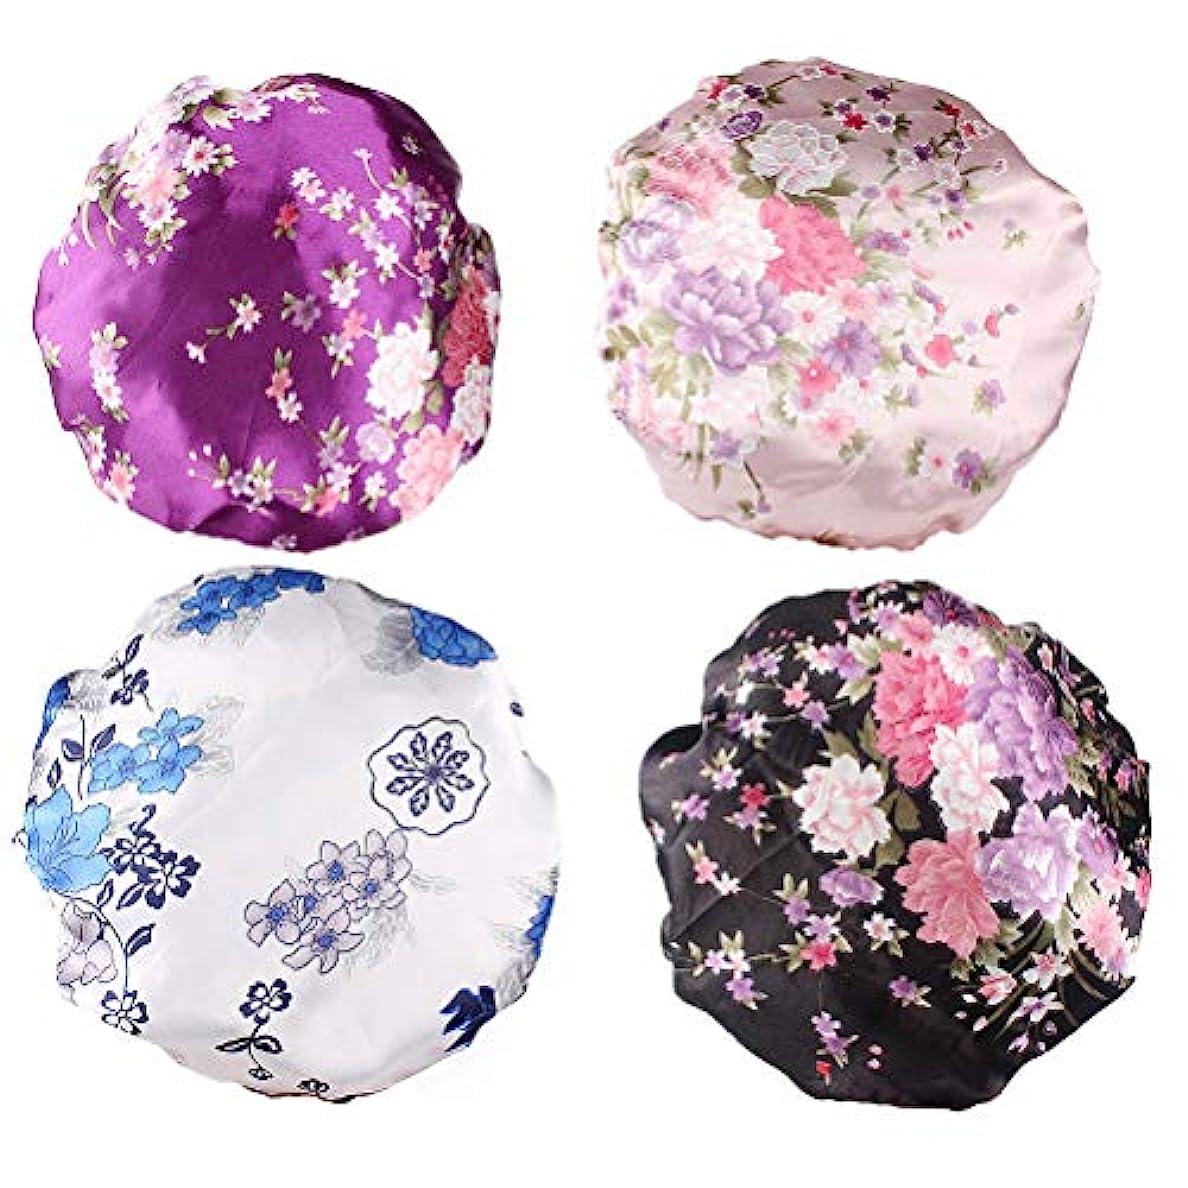 交換運賃狂ったBeaupretty 4本の女性の絹のようなサテンの睡眠の帽子プレミアムゴムバンド付きサテンの睡眠の帽子女性の女の子のためのナイトキャップサロンボンネット抜け毛の帽子(紫色+黒+白+ピンク)